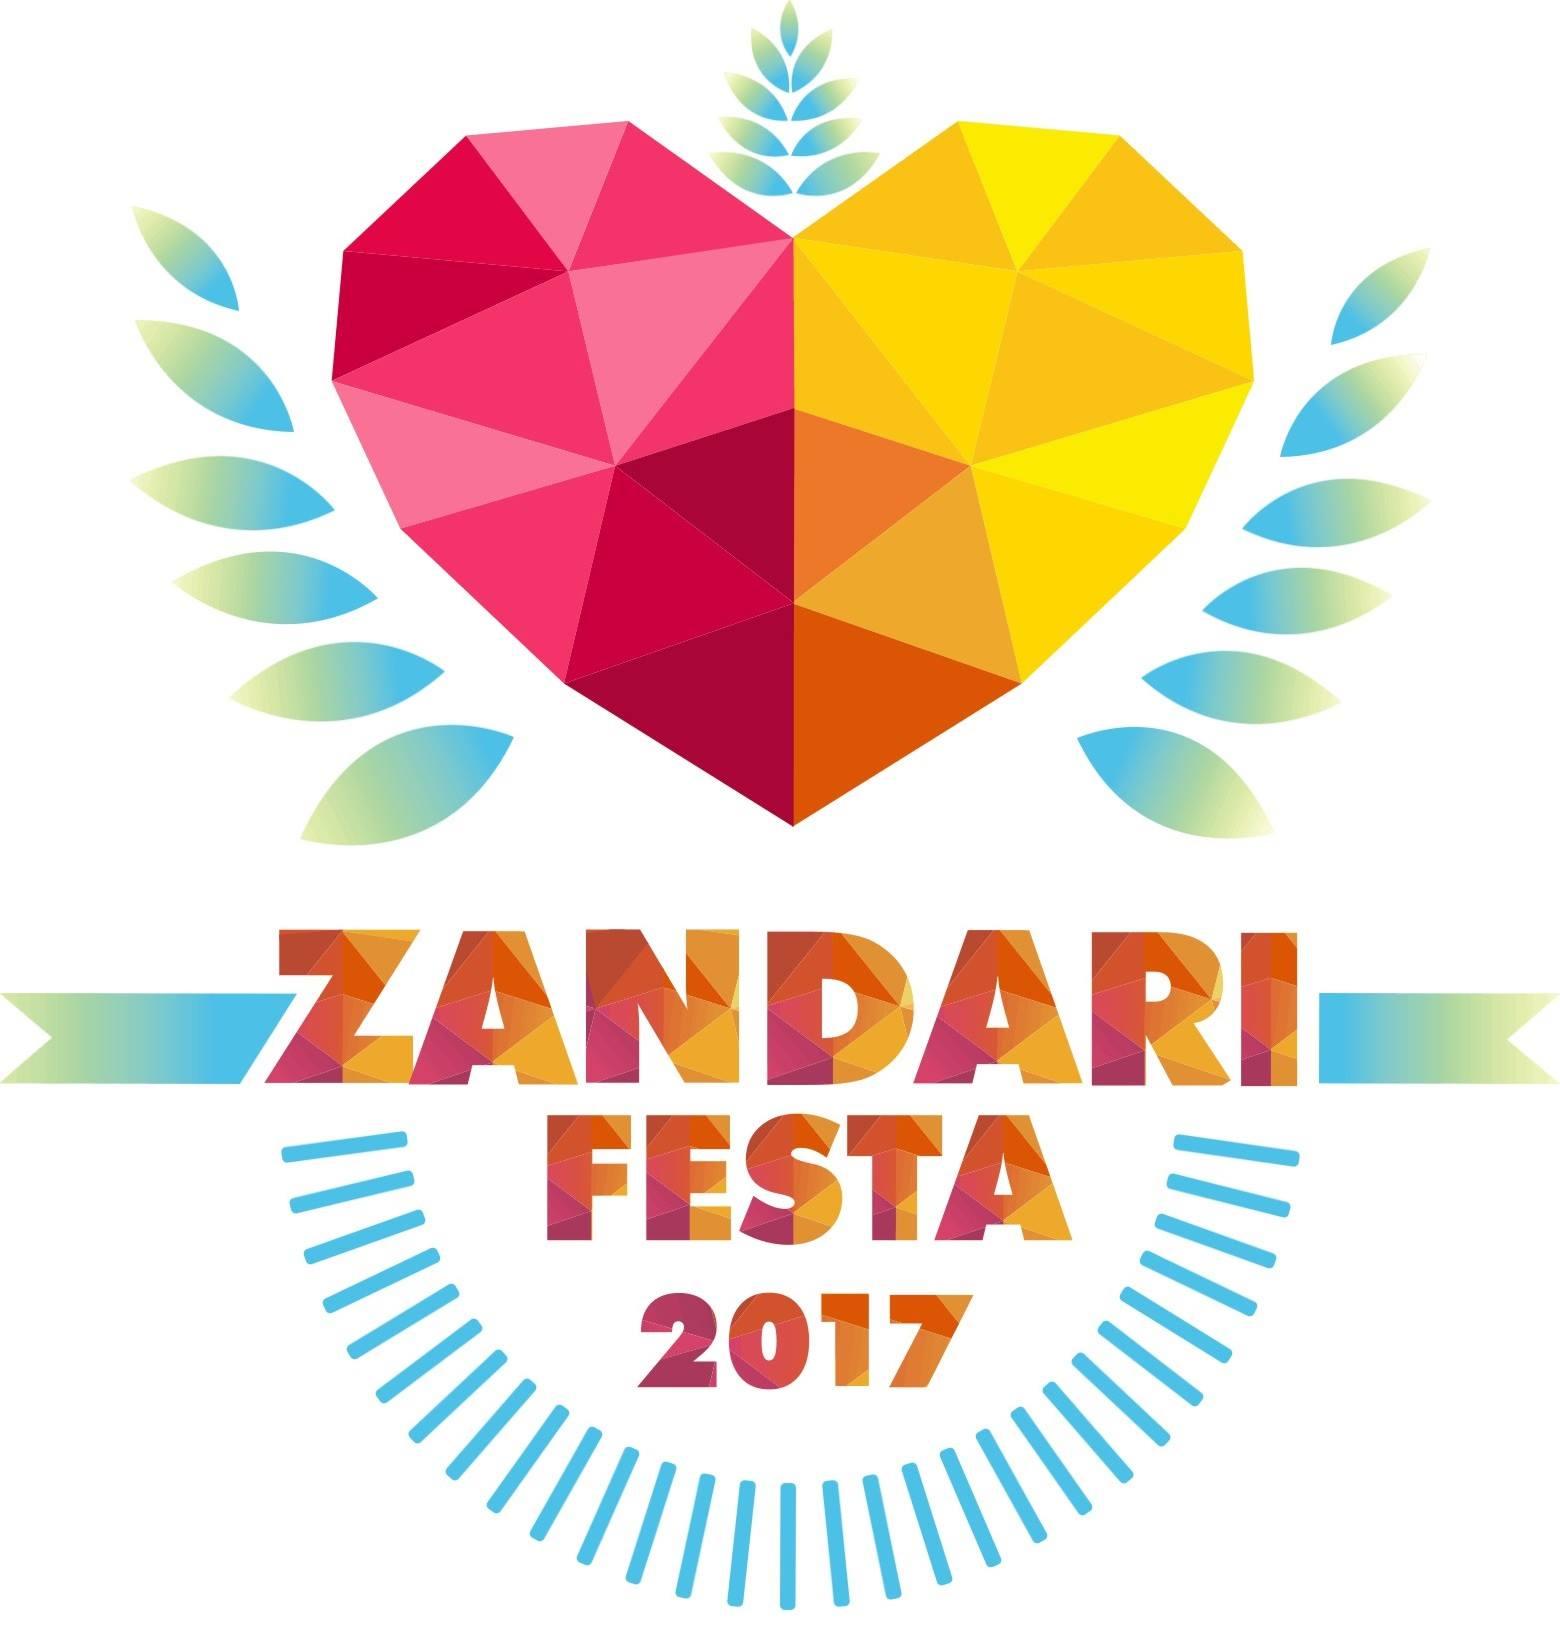 Zandari Festa 2017 Review